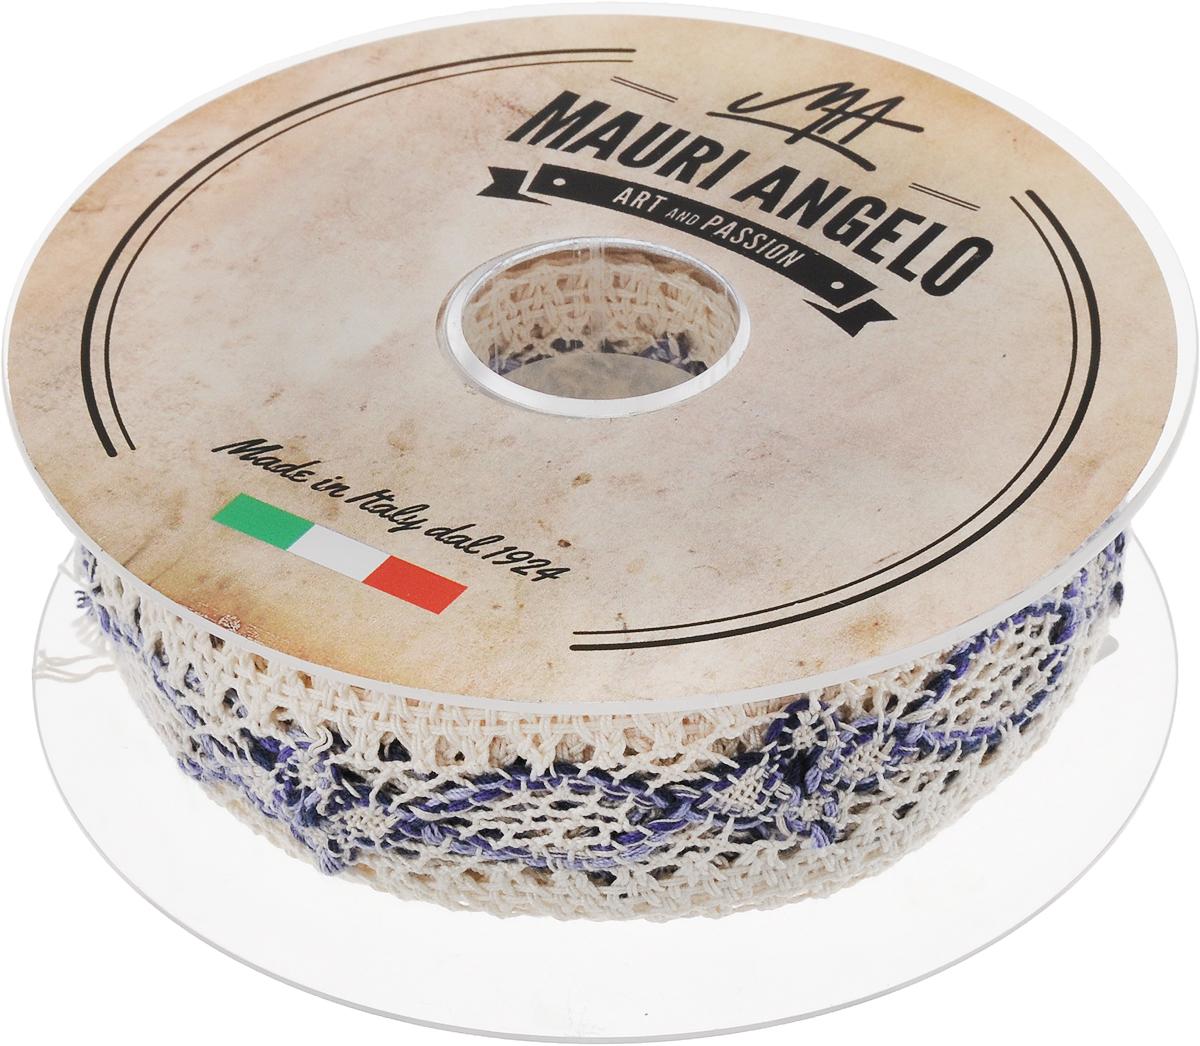 Лента кружевная Mauri Angelo, цвет: белый, синий, 3,6 см х 10 мMR3498/PL/3Декоративная кружевная лента Mauri Angelo - текстильное изделие без тканой основы, в котором ажурный орнамент и изображения образуются в результате переплетения нитей. Кружево применяется для отделки одежды, белья в виде окаймления или вставок, а также в оформлении интерьера, декоративных панно, скатертей, тюлей, покрывал. Главные особенности кружева - воздушность, тонкость, эластичность, узорность.Декоративная кружевная лента Mauri Angelo станет незаменимым элементом в создании рукотворного шедевра. Ширина: 3,6 см.Длина: 10 м.